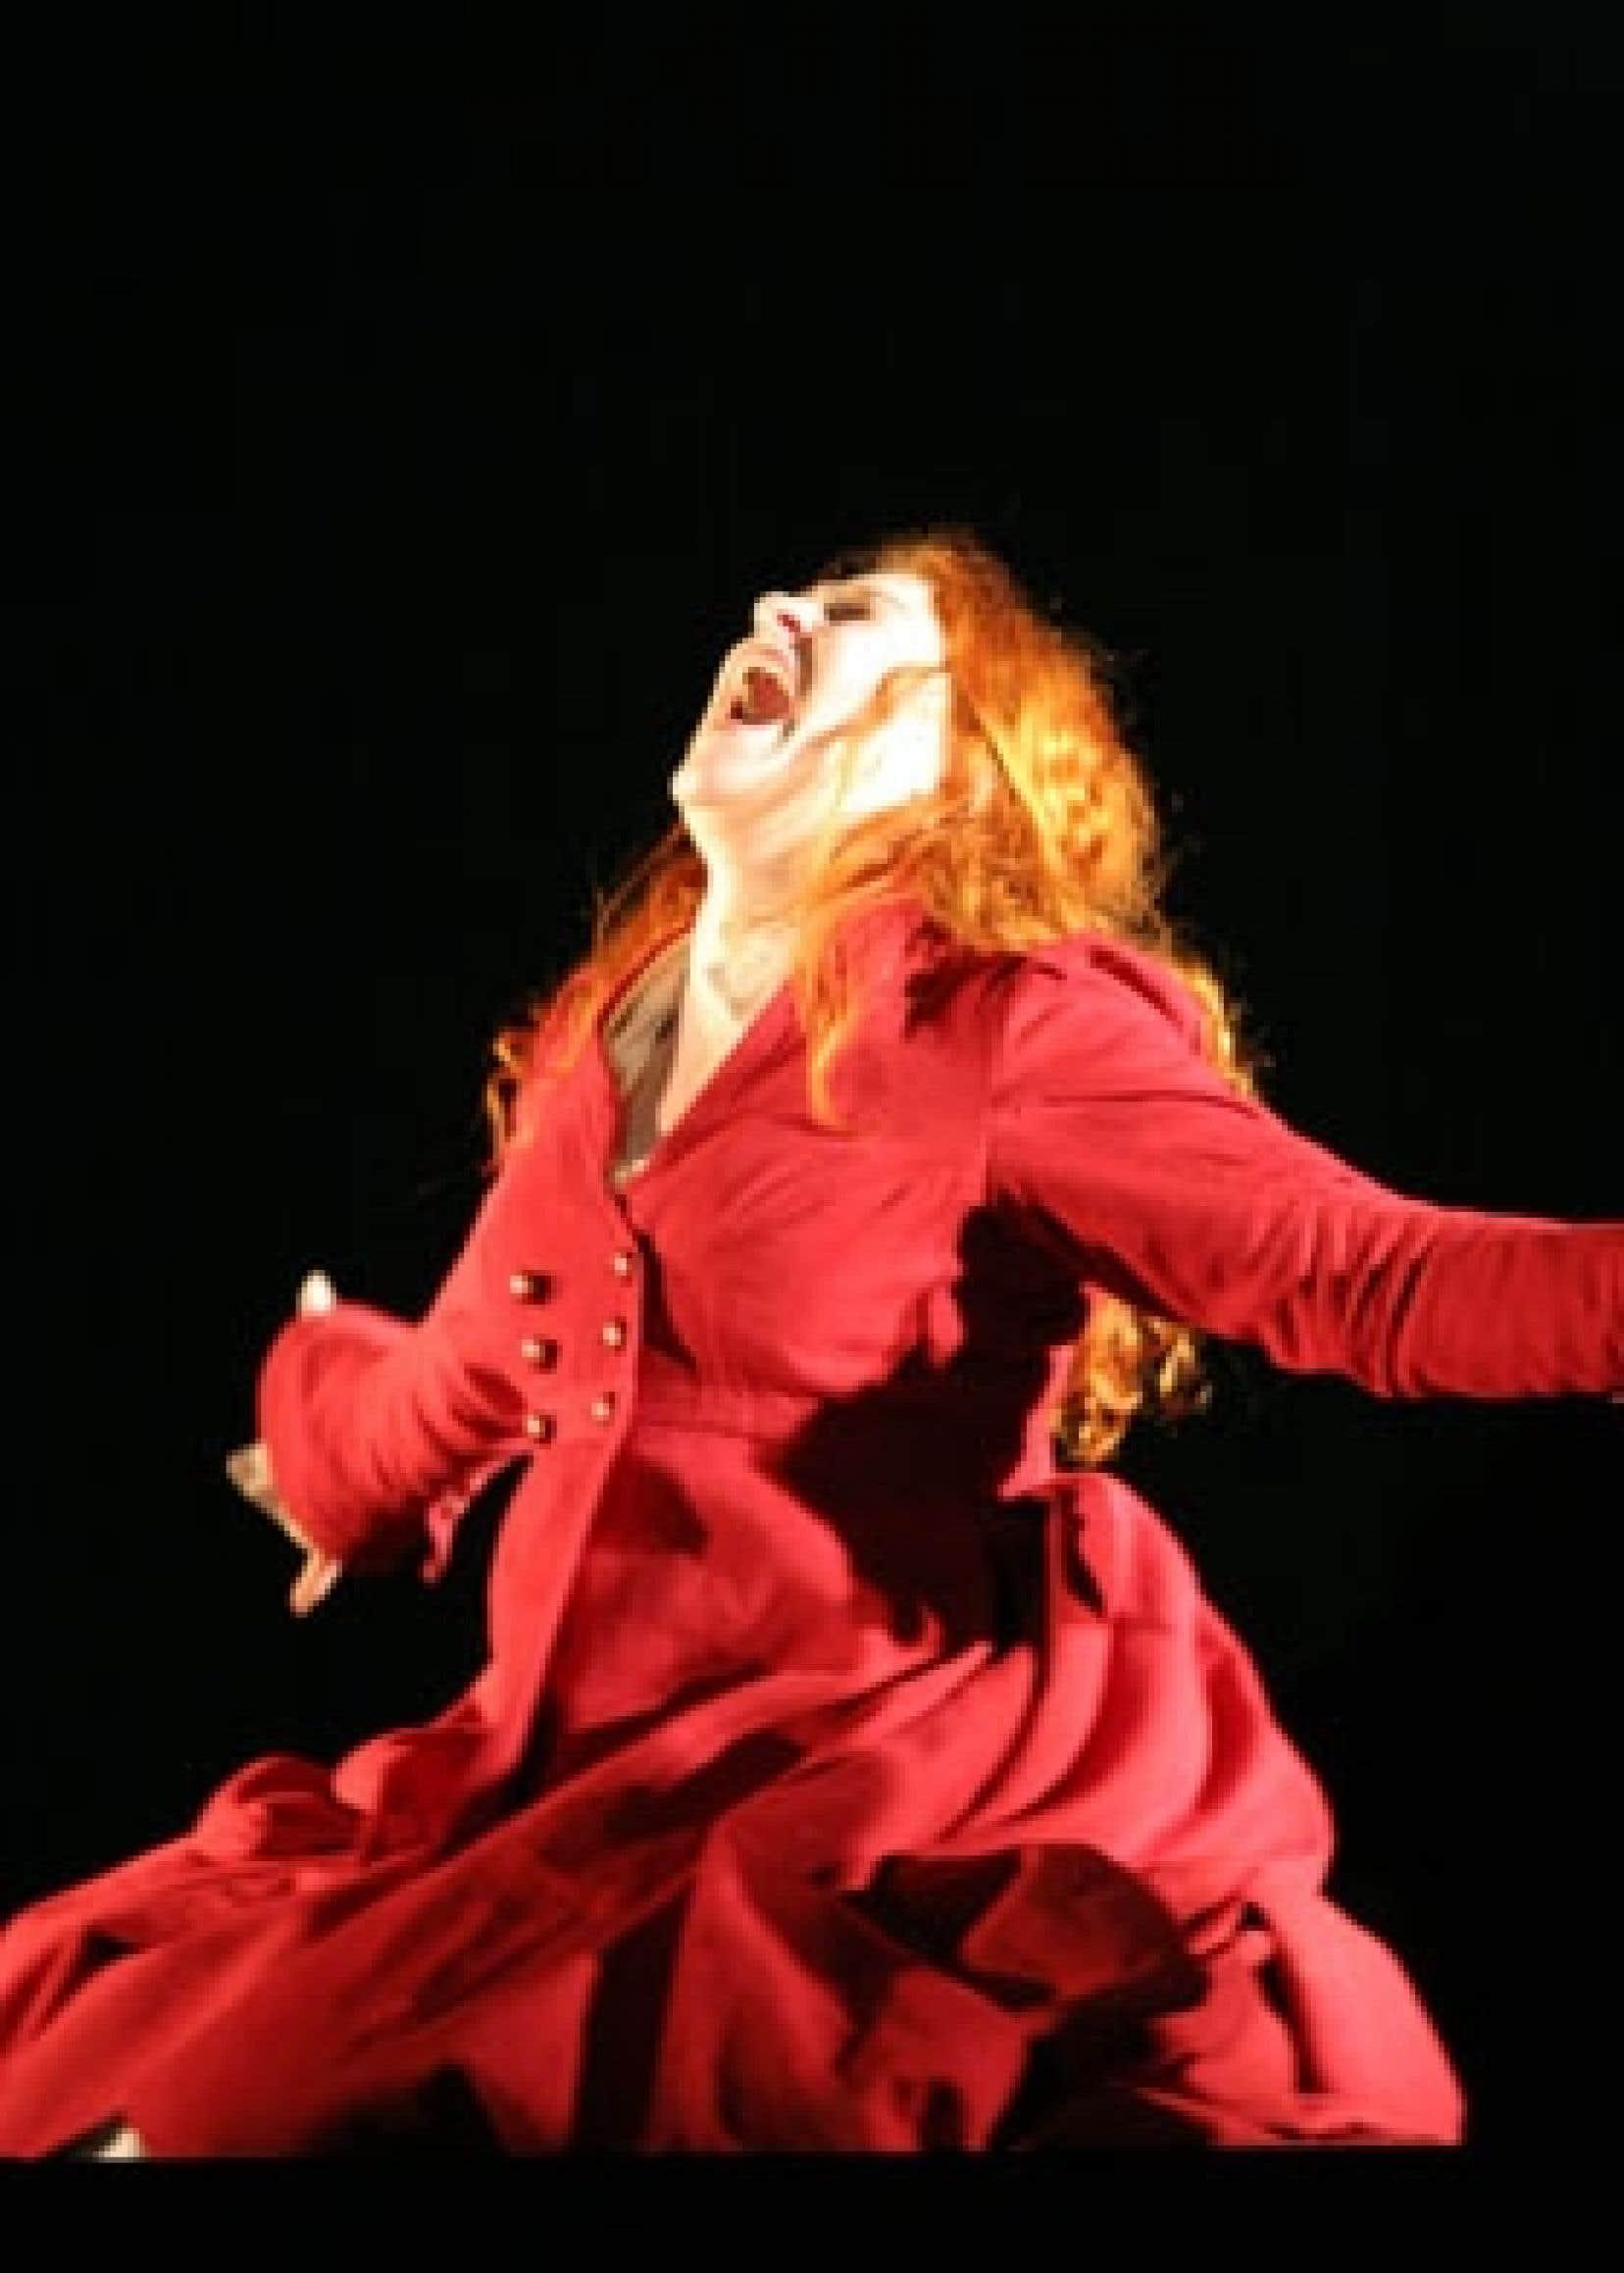 Lorraine Côté, magnifique dans le rôle de Phèdre, incarne avec justesse et passion cette reine à la fois victime de ses pulsions et coupable du malheur qui s'abat près d'elle. Photo: Jean-François Landry